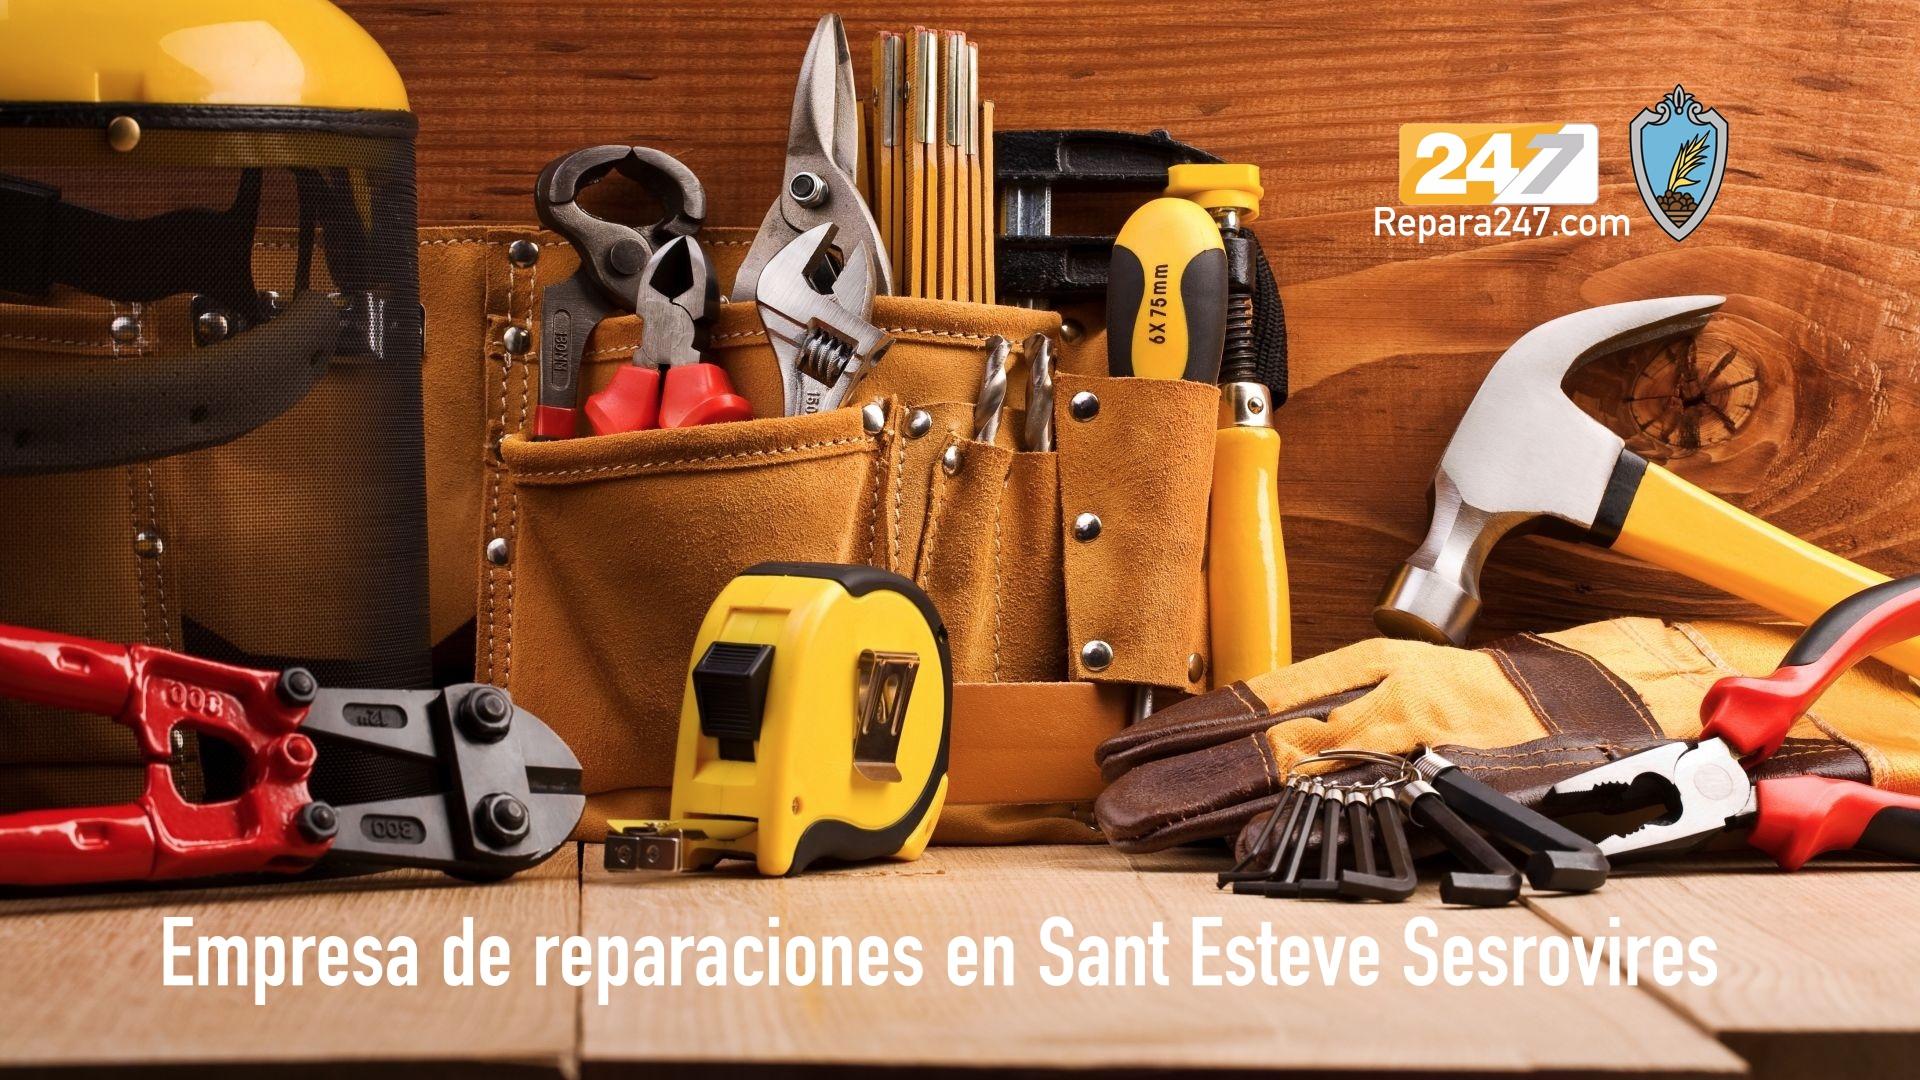 Empresa de reparaciones en Sant Esteve Sesrovires